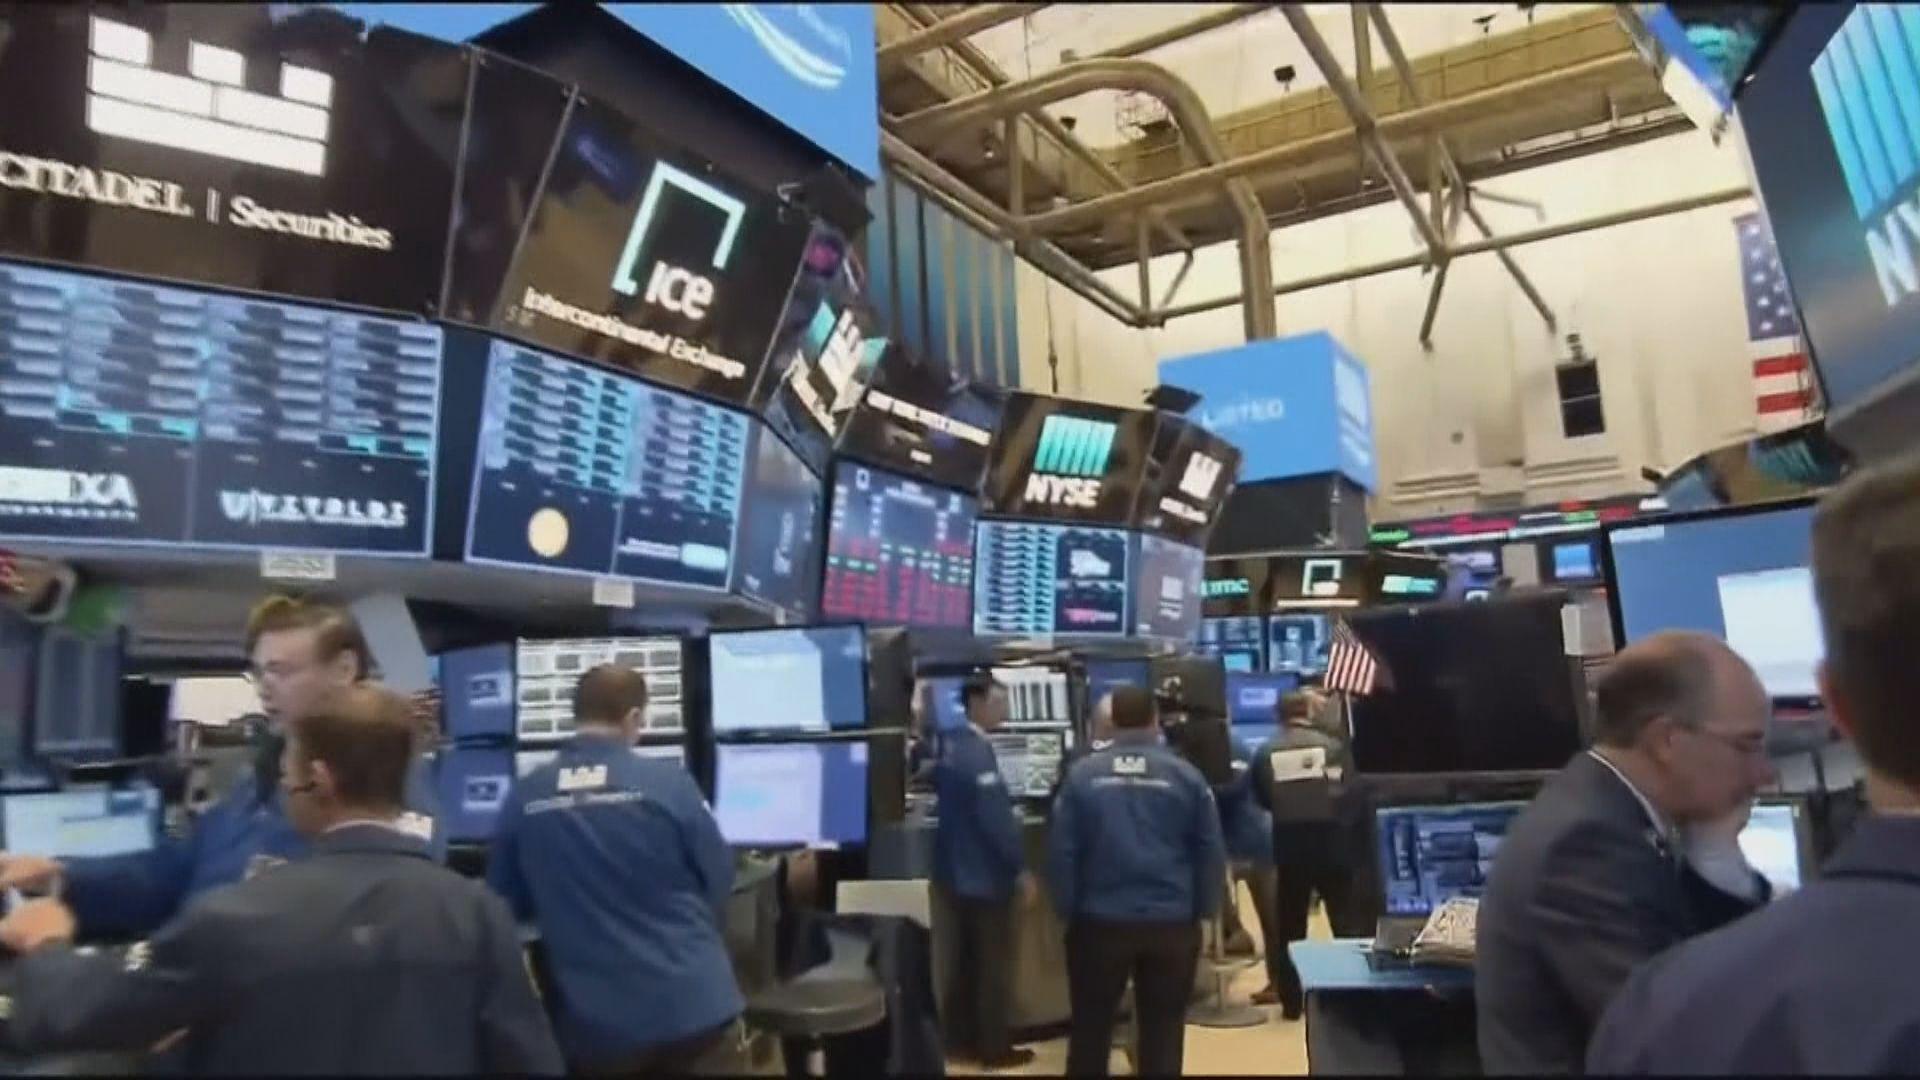 華爾街股市急升 道指重越兩萬五